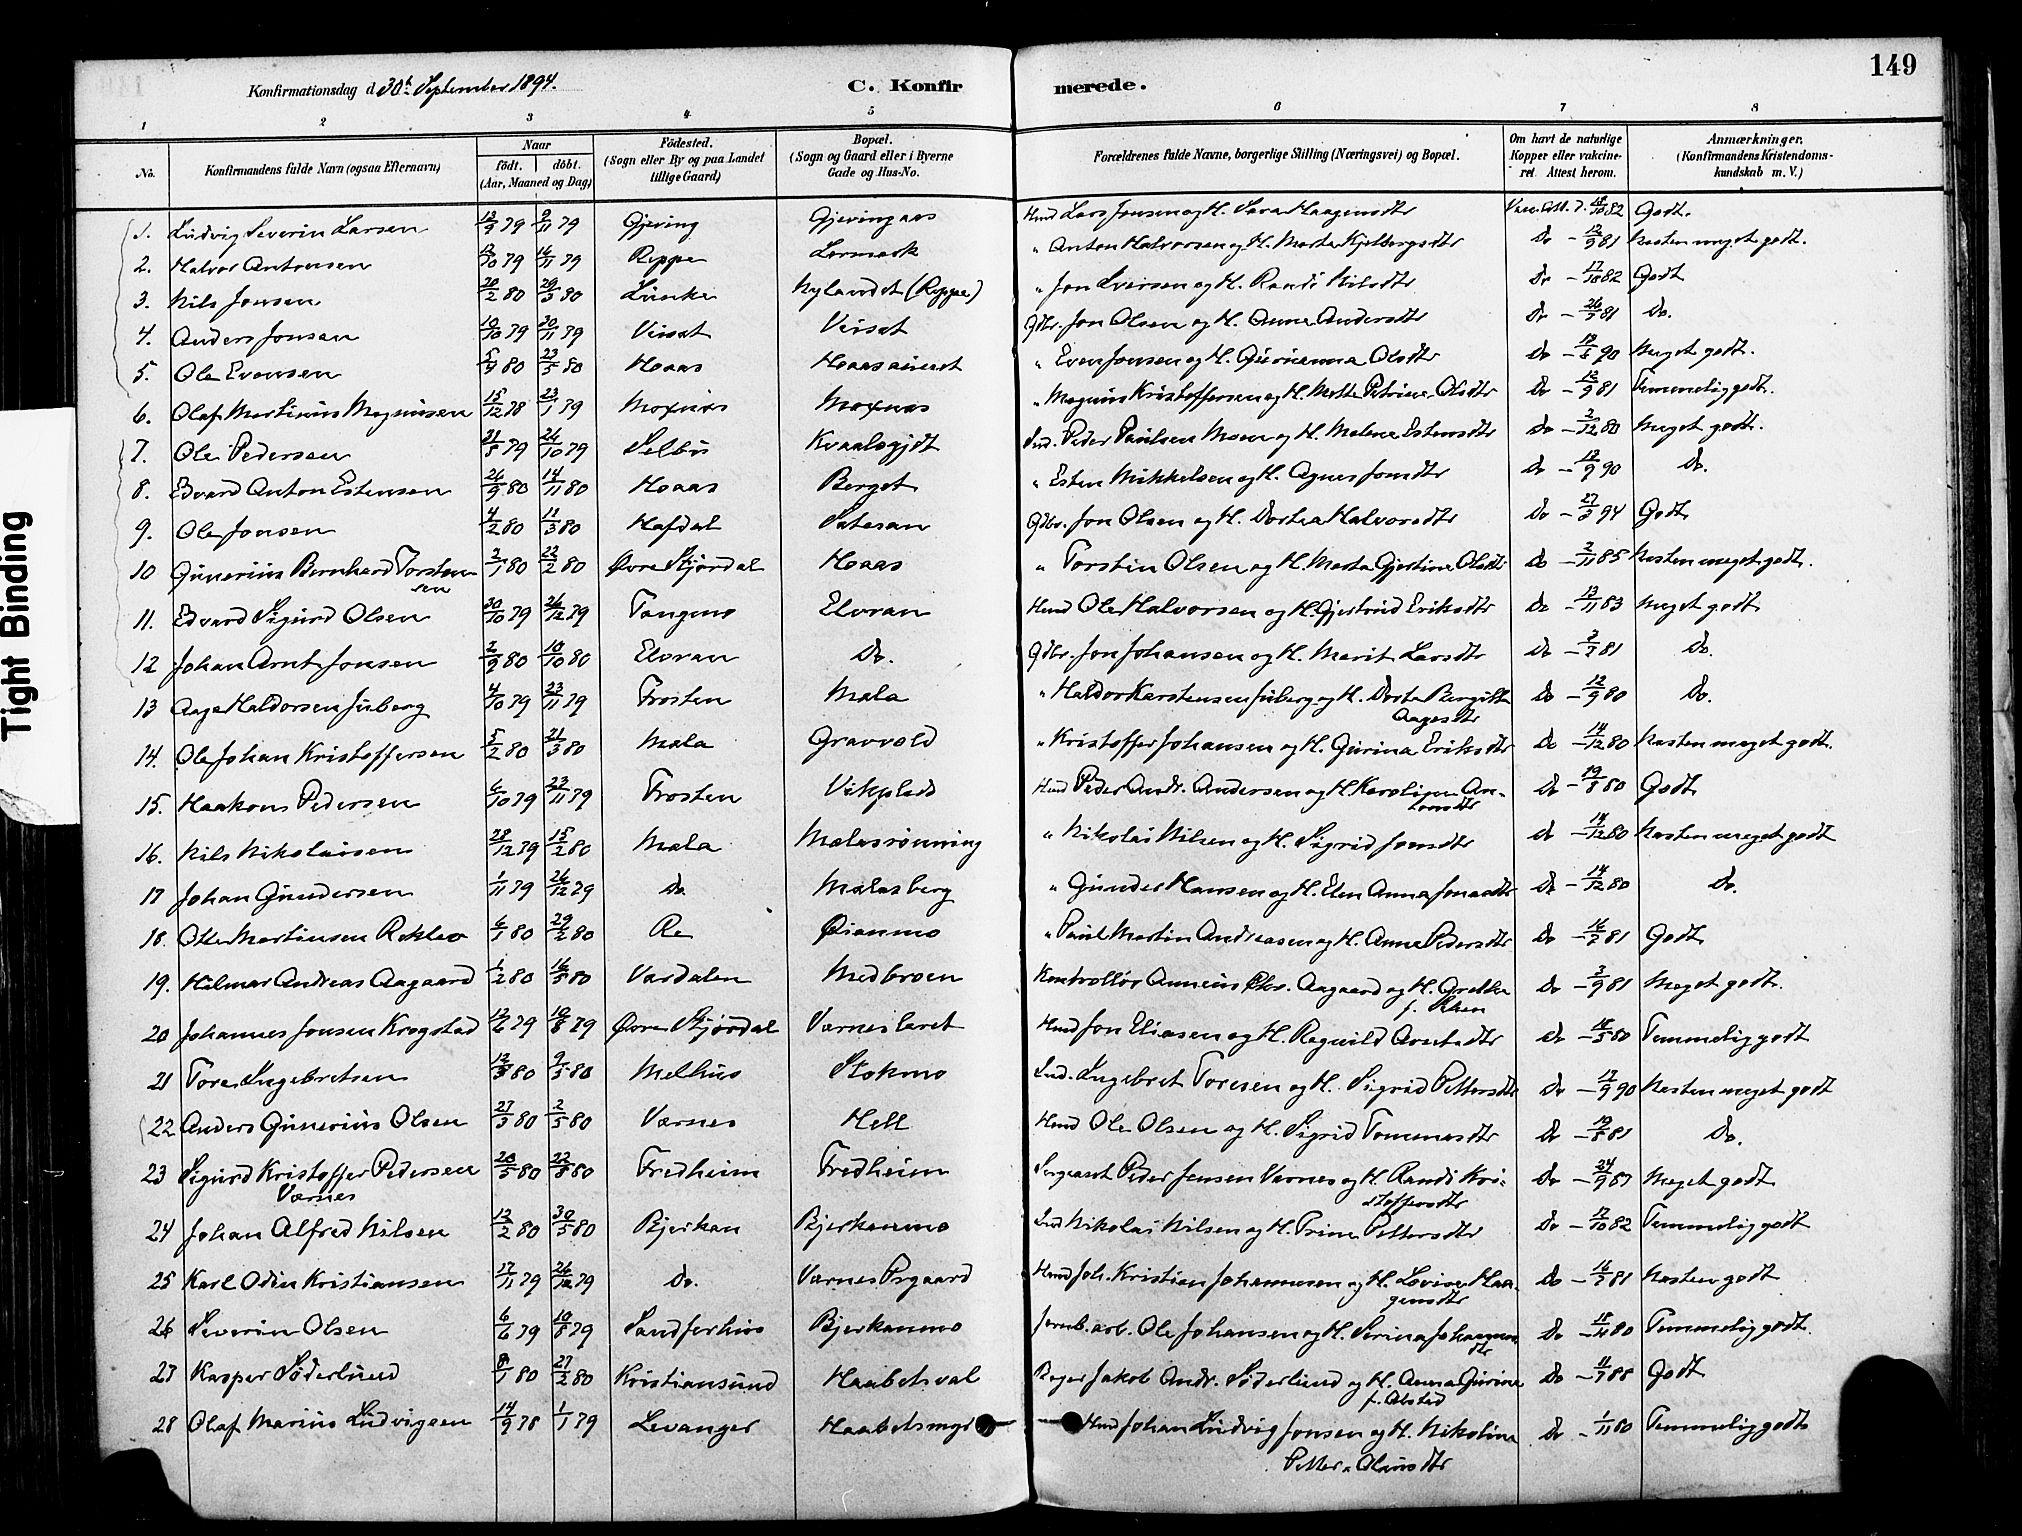 SAT, Ministerialprotokoller, klokkerbøker og fødselsregistre - Nord-Trøndelag, 709/L0077: Ministerialbok nr. 709A17, 1880-1895, s. 149